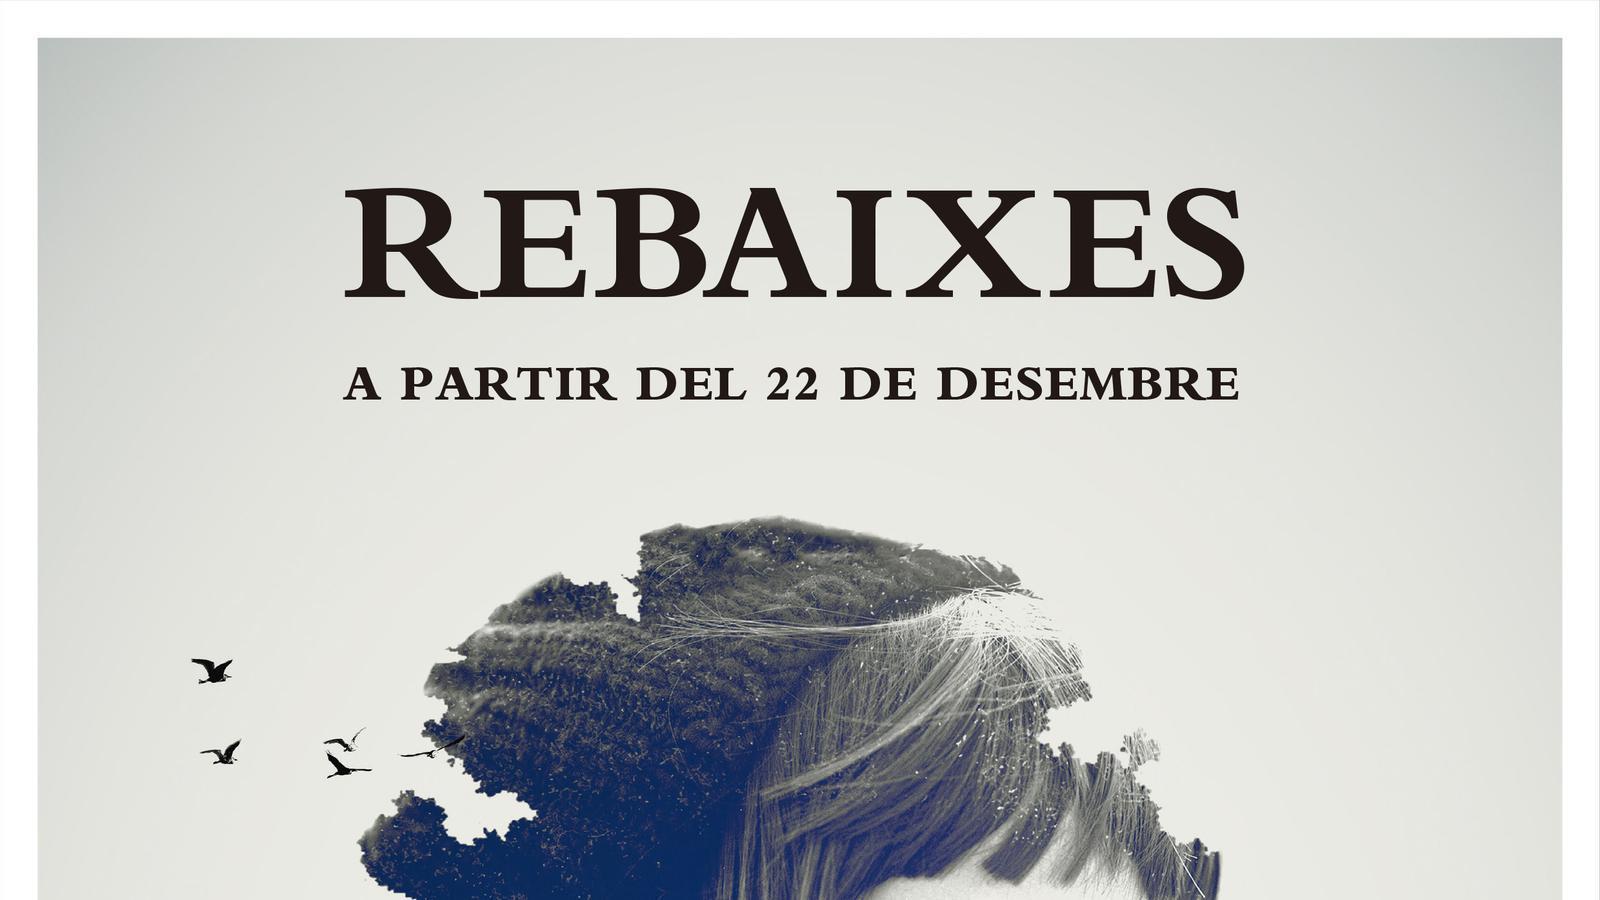 Imatge promocional de la campanya de rebaixes d'Andorra Turisme. / ANDORRA TURISME